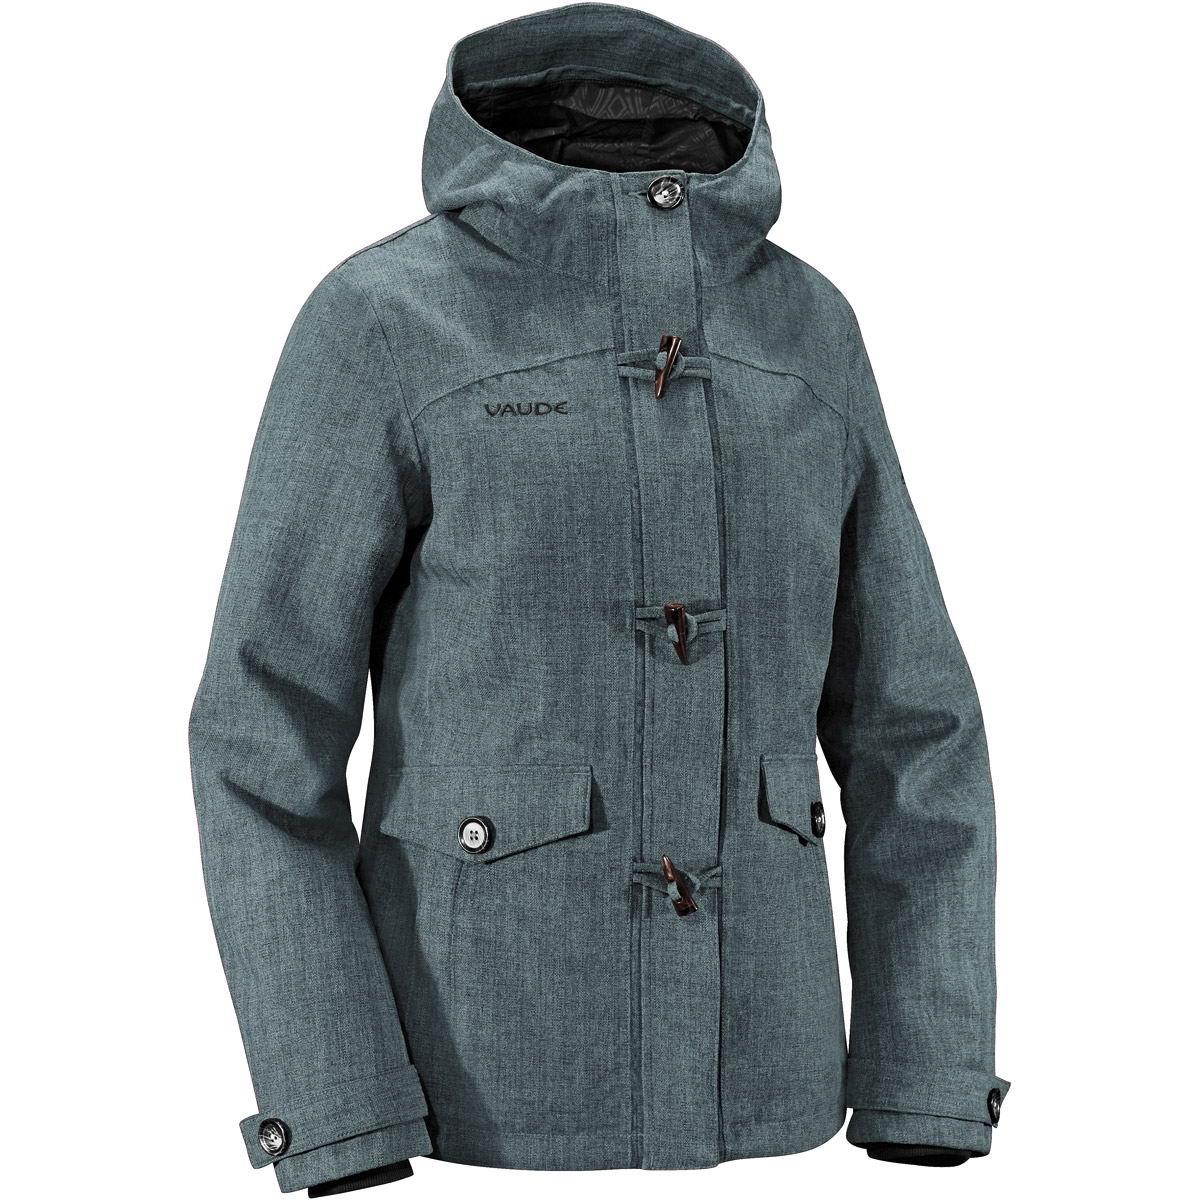 VAUDE  Sonderangebote –  Women's Yale Jacket V – Winterjacke nun mit 40  % Rabatt für 119.90 € im Angebot